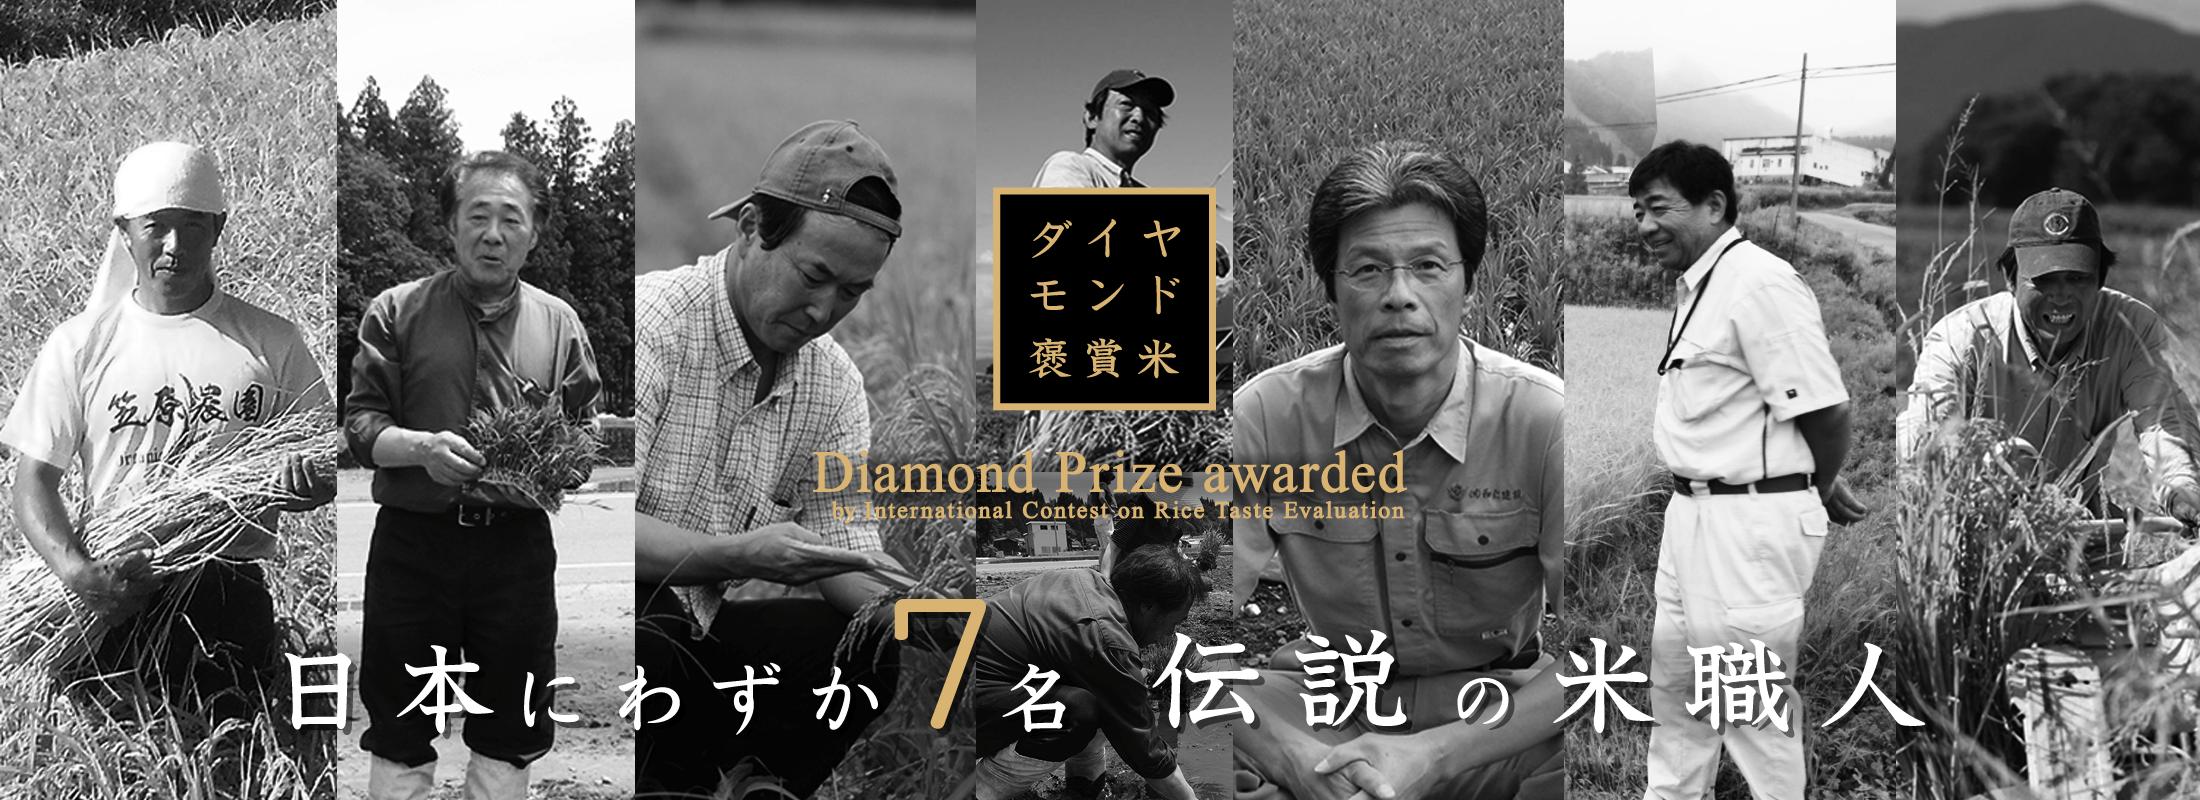 ダイヤモンド褒賞